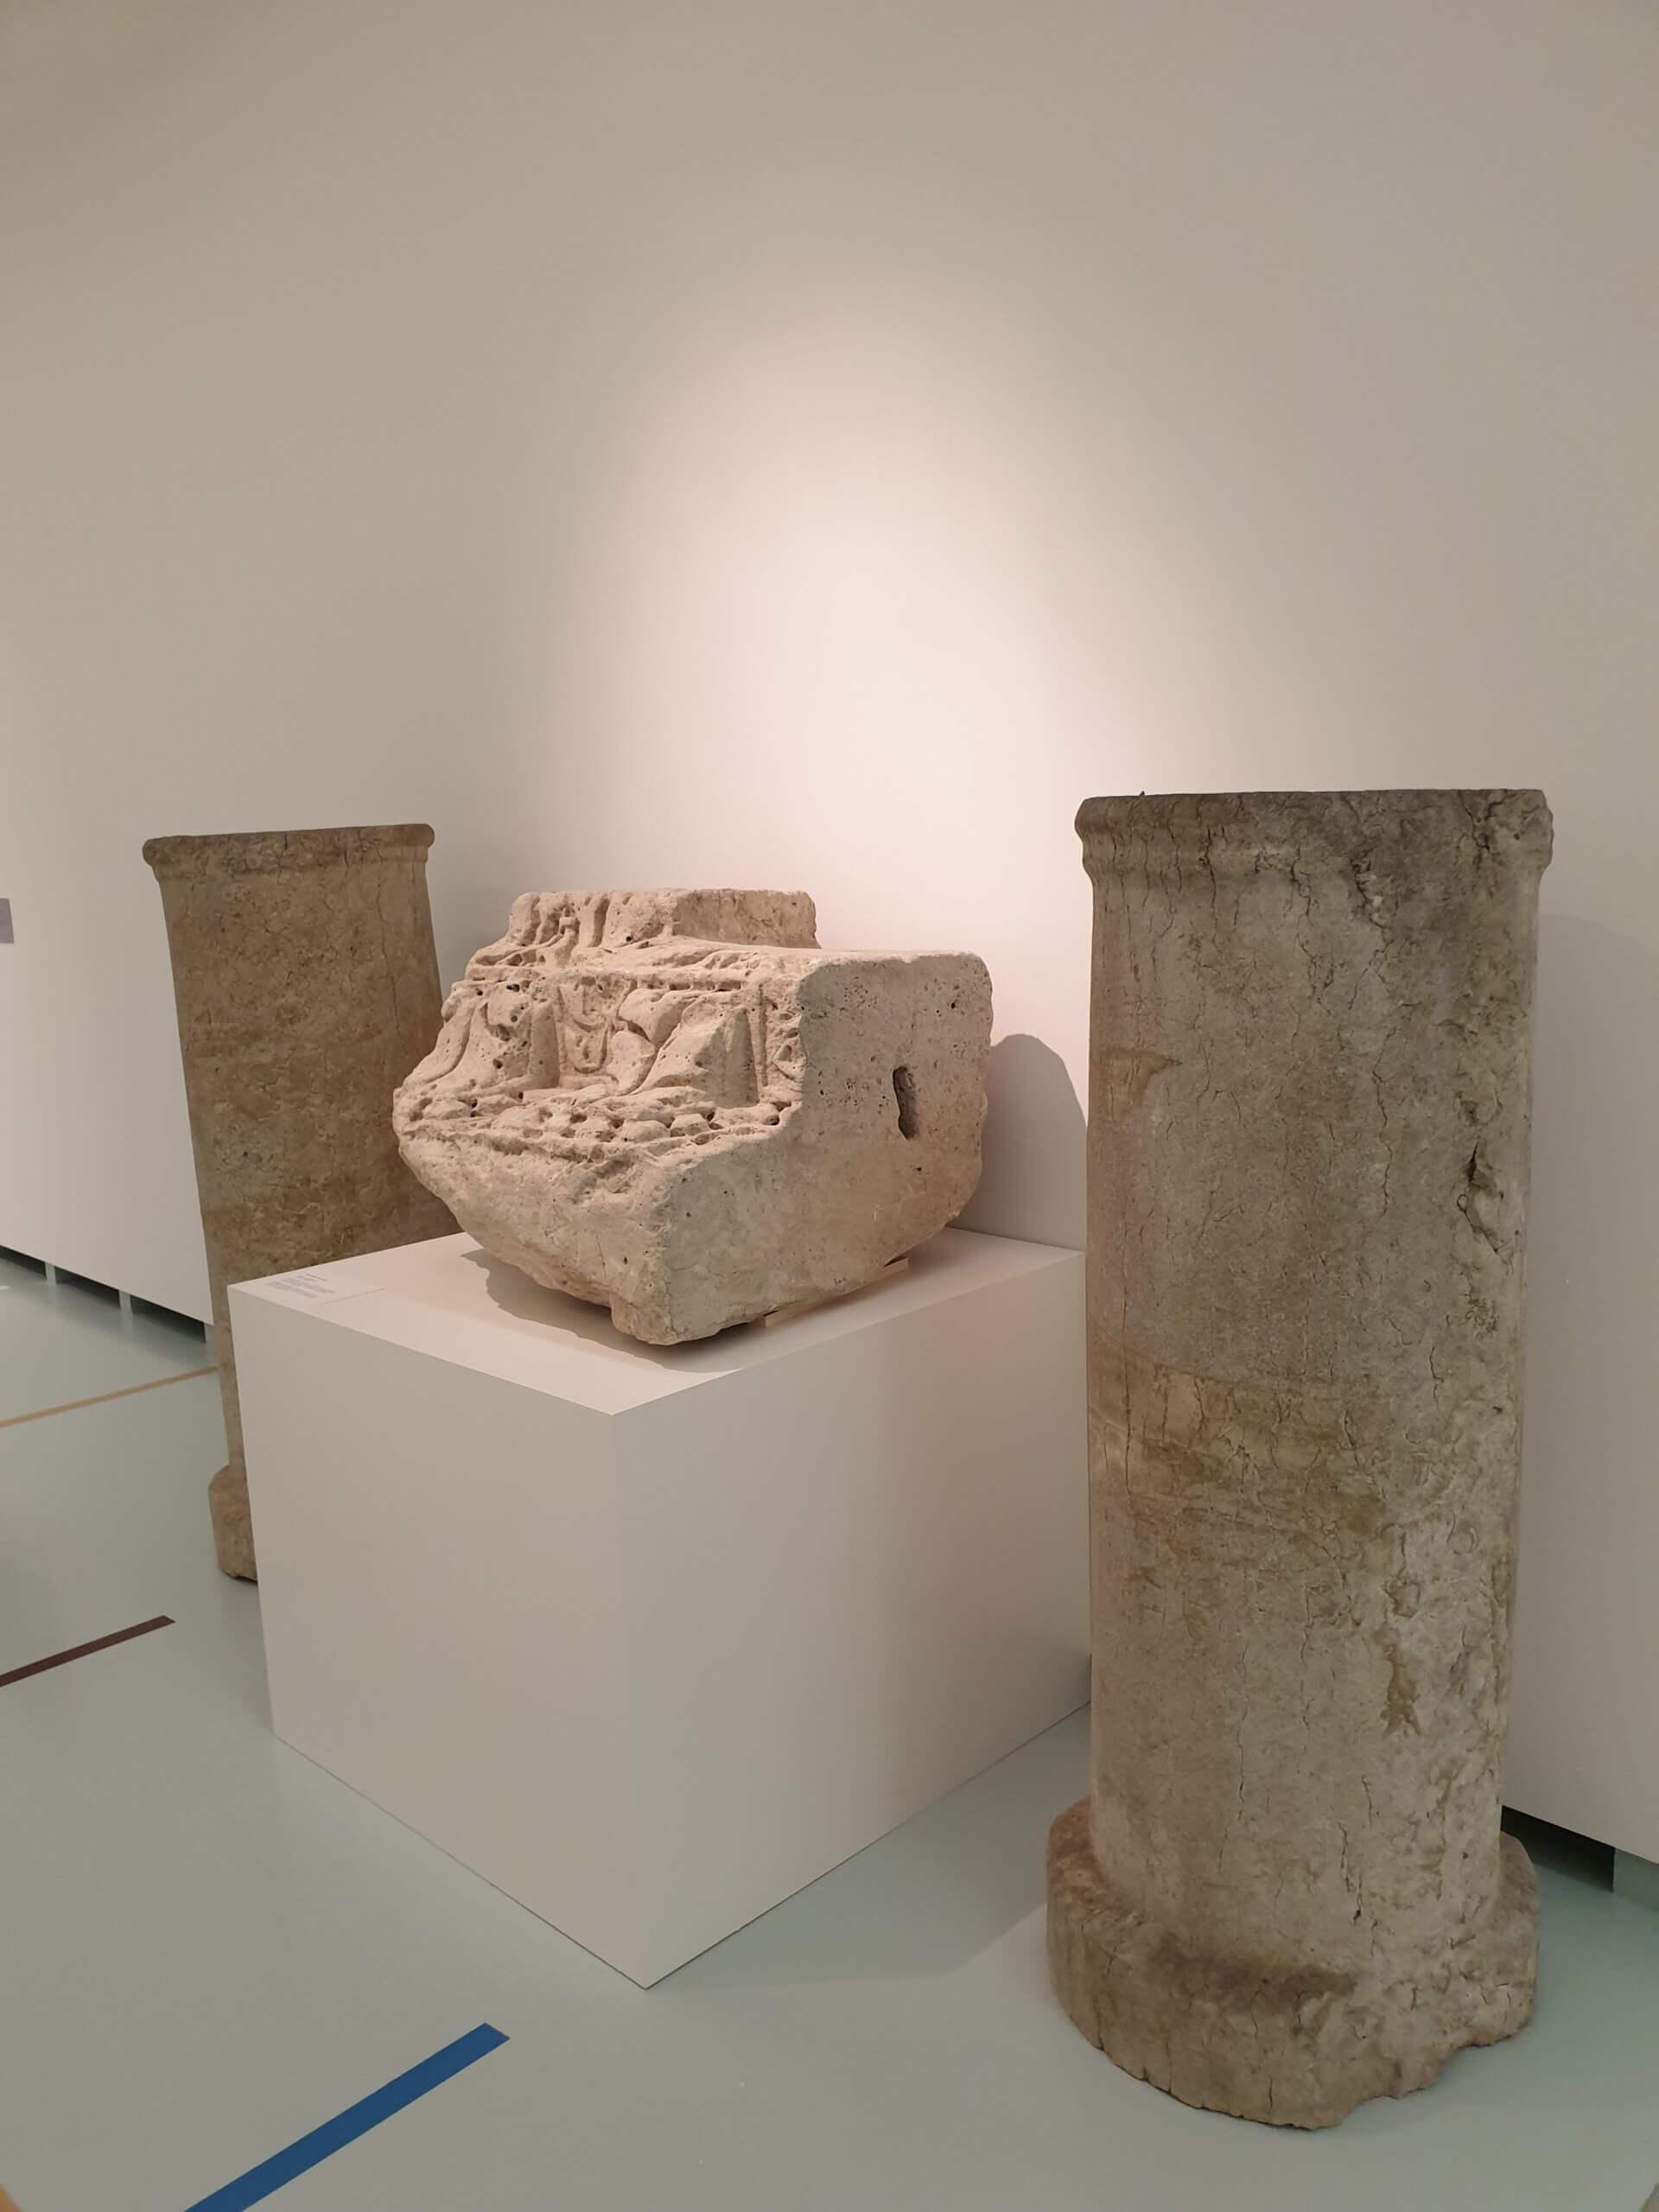 Bekijk Romeinse archeologische vondsten tijdens een weekendje weg in eigen land Nijmegen